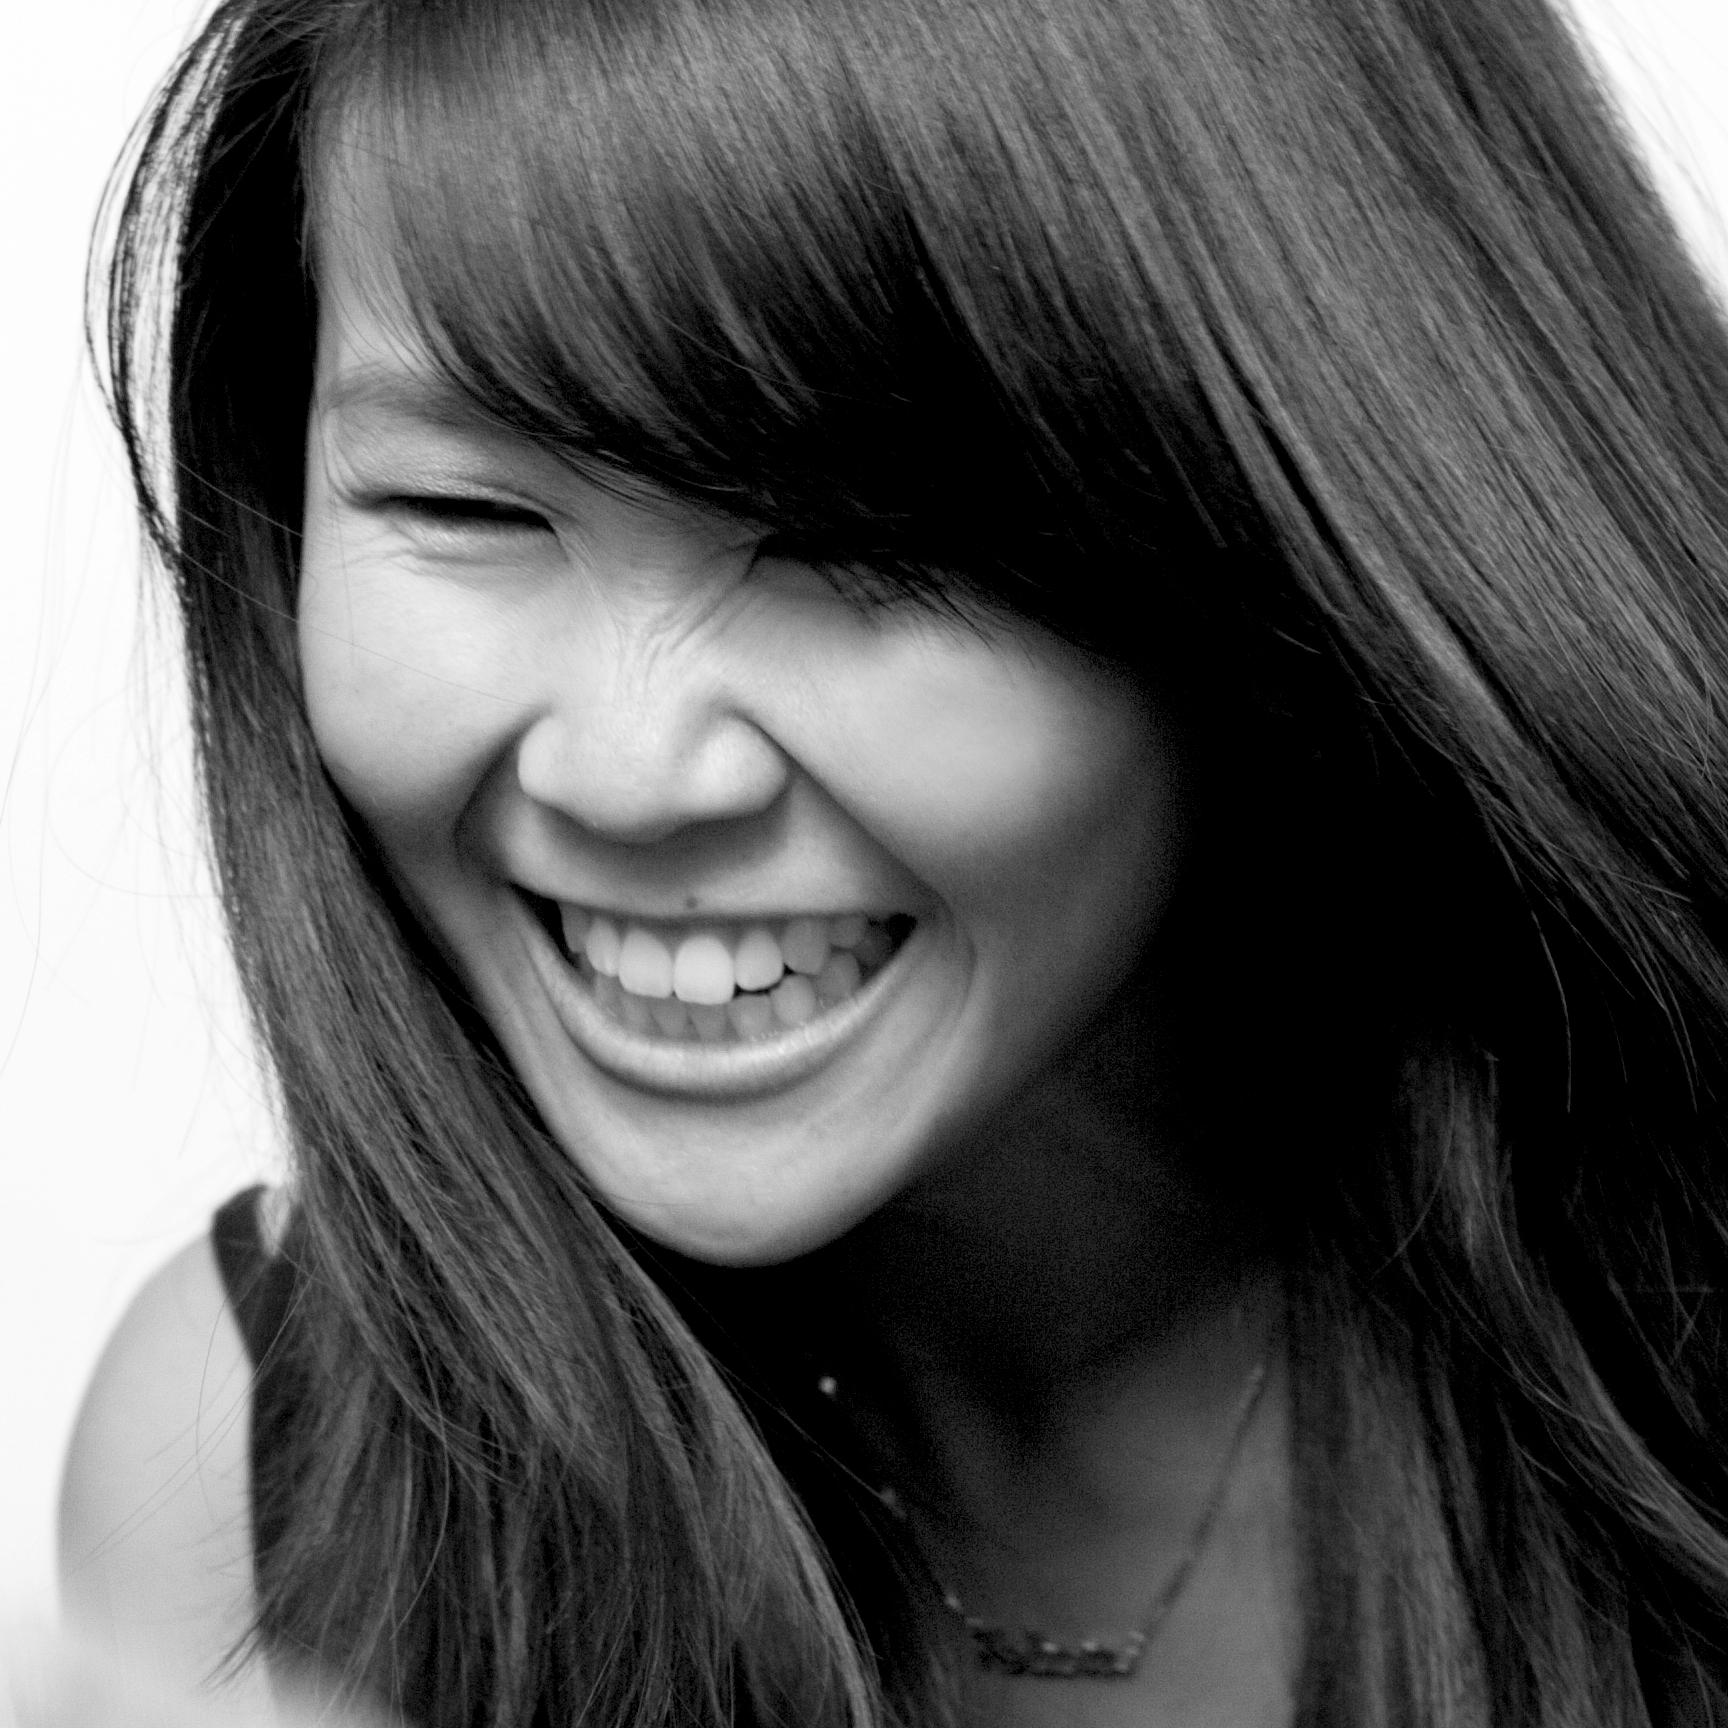 Felicia Yong